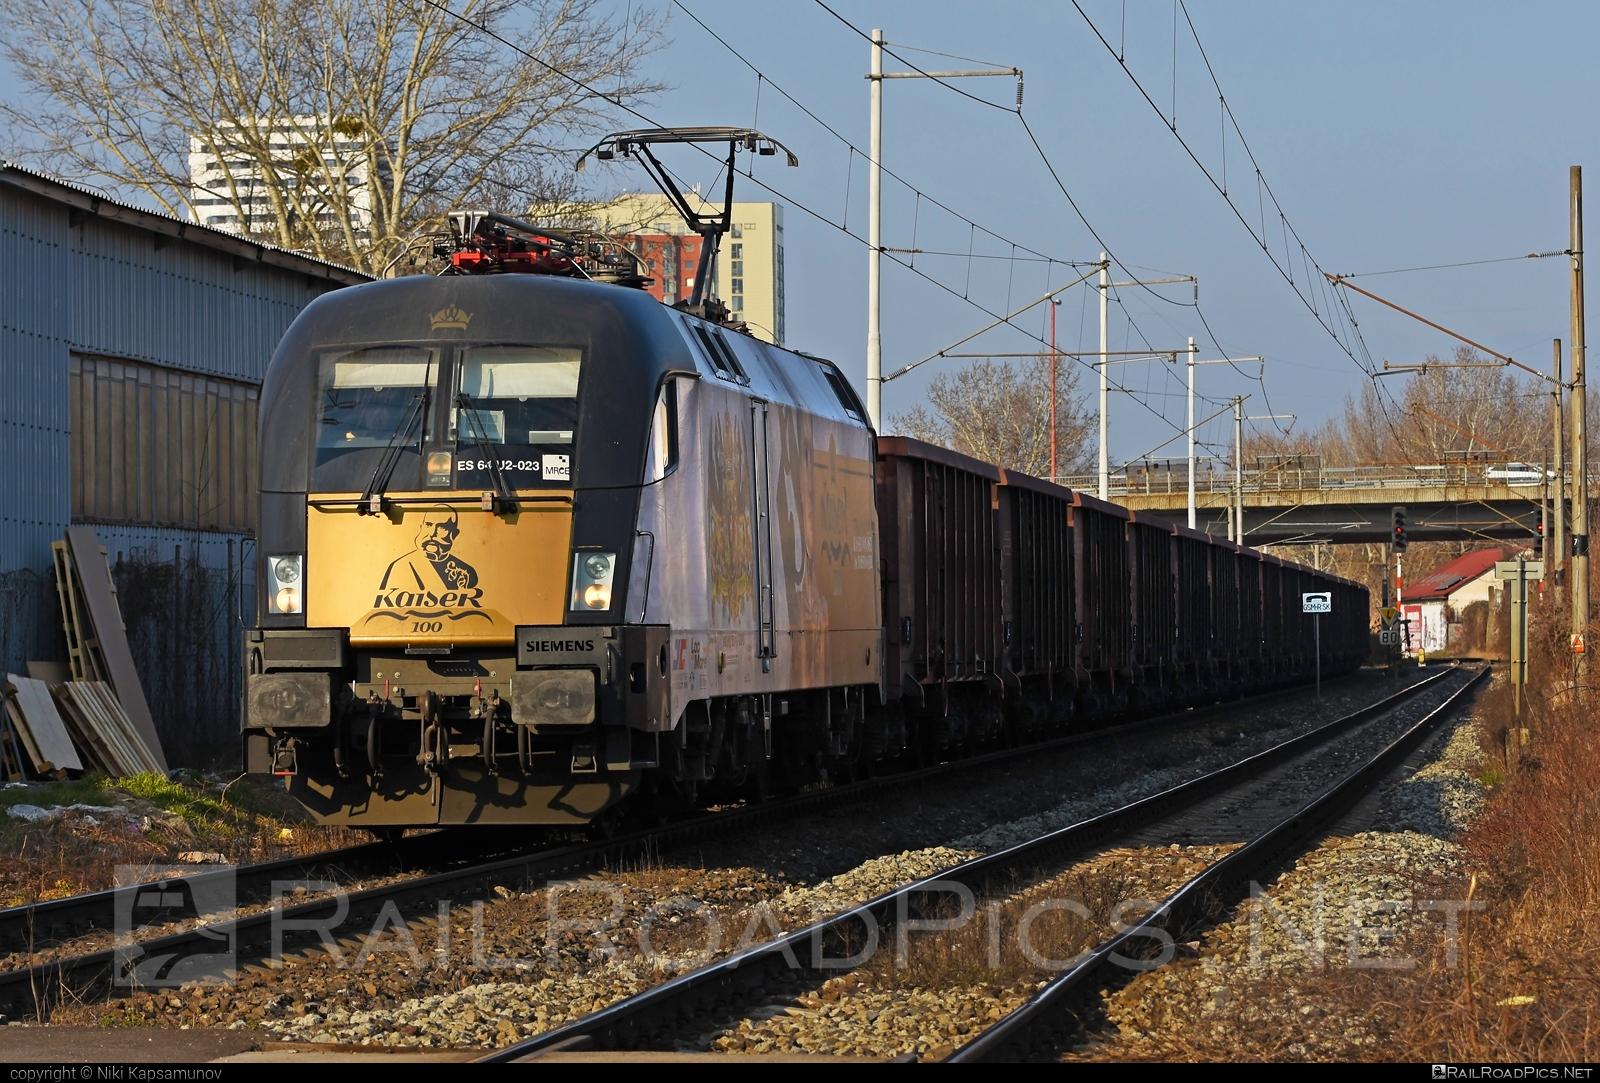 Siemens ES 64 U2 - 182 523-1 operated by Netzwerkbahn Sachsen GmbH #dispolok #es64 #es64u #es64u2 #eurosprinter #kaiser #mitsuirailcapitaleurope #mitsuirailcapitaleuropegmbh #mrce #nes #siemens #siemenses64 #siemenses64u #siemenses64u2 #siemenstaurus #taurus #tauruslocomotive